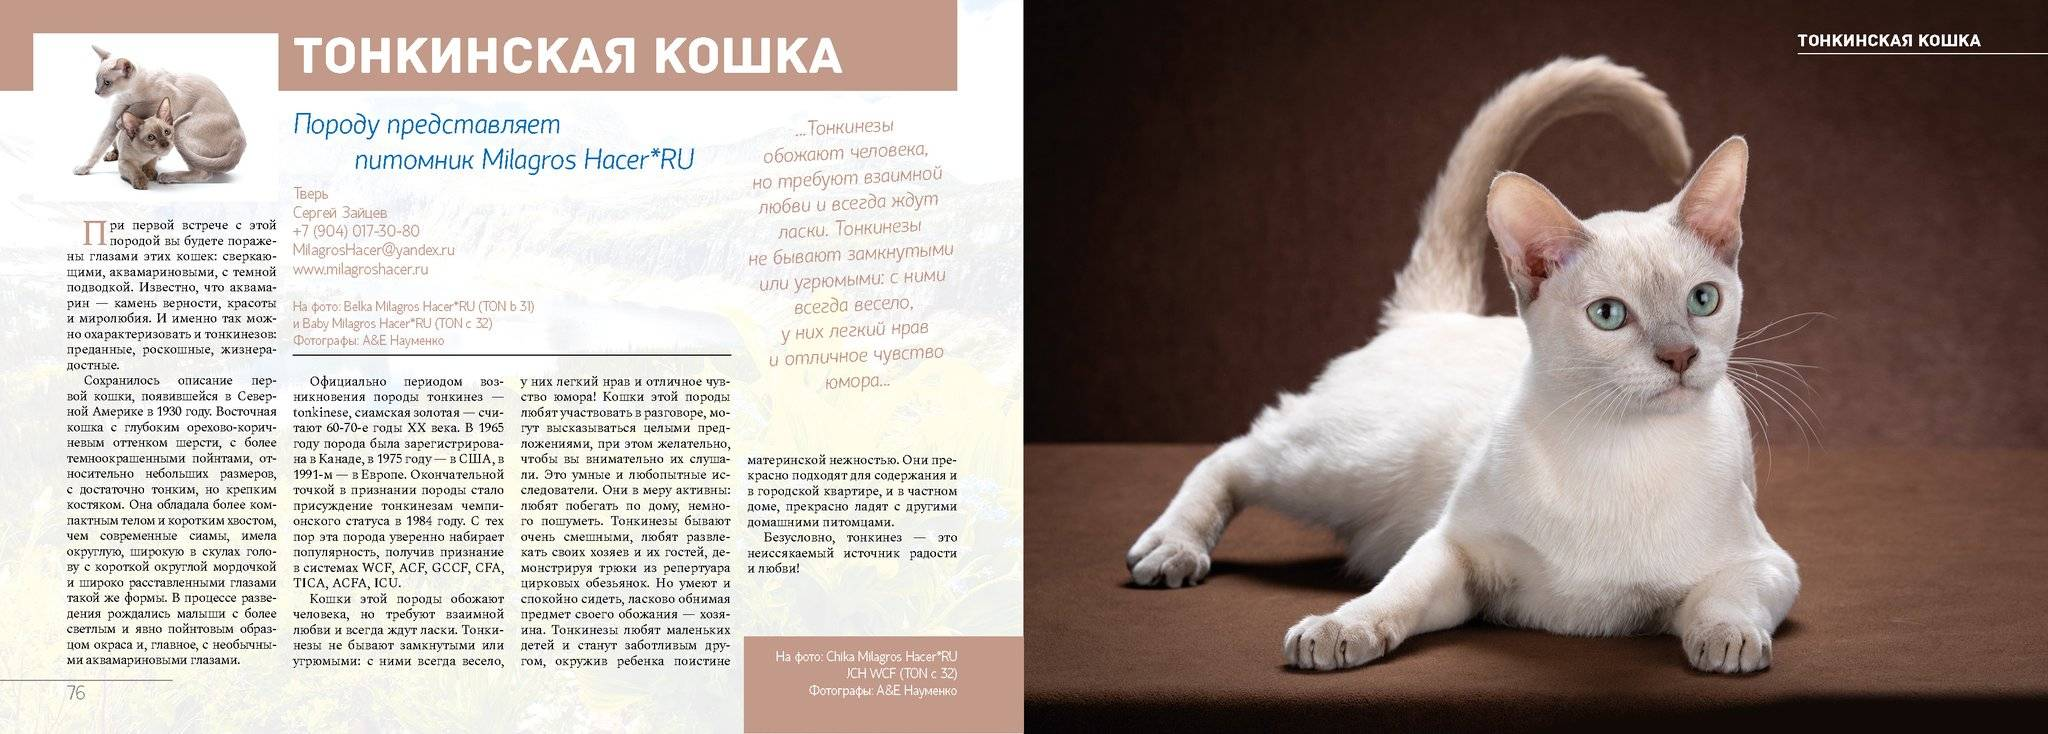 Самые умные породы кошек в мире – топ-10 питомцев с высоким уровнем интеллекта